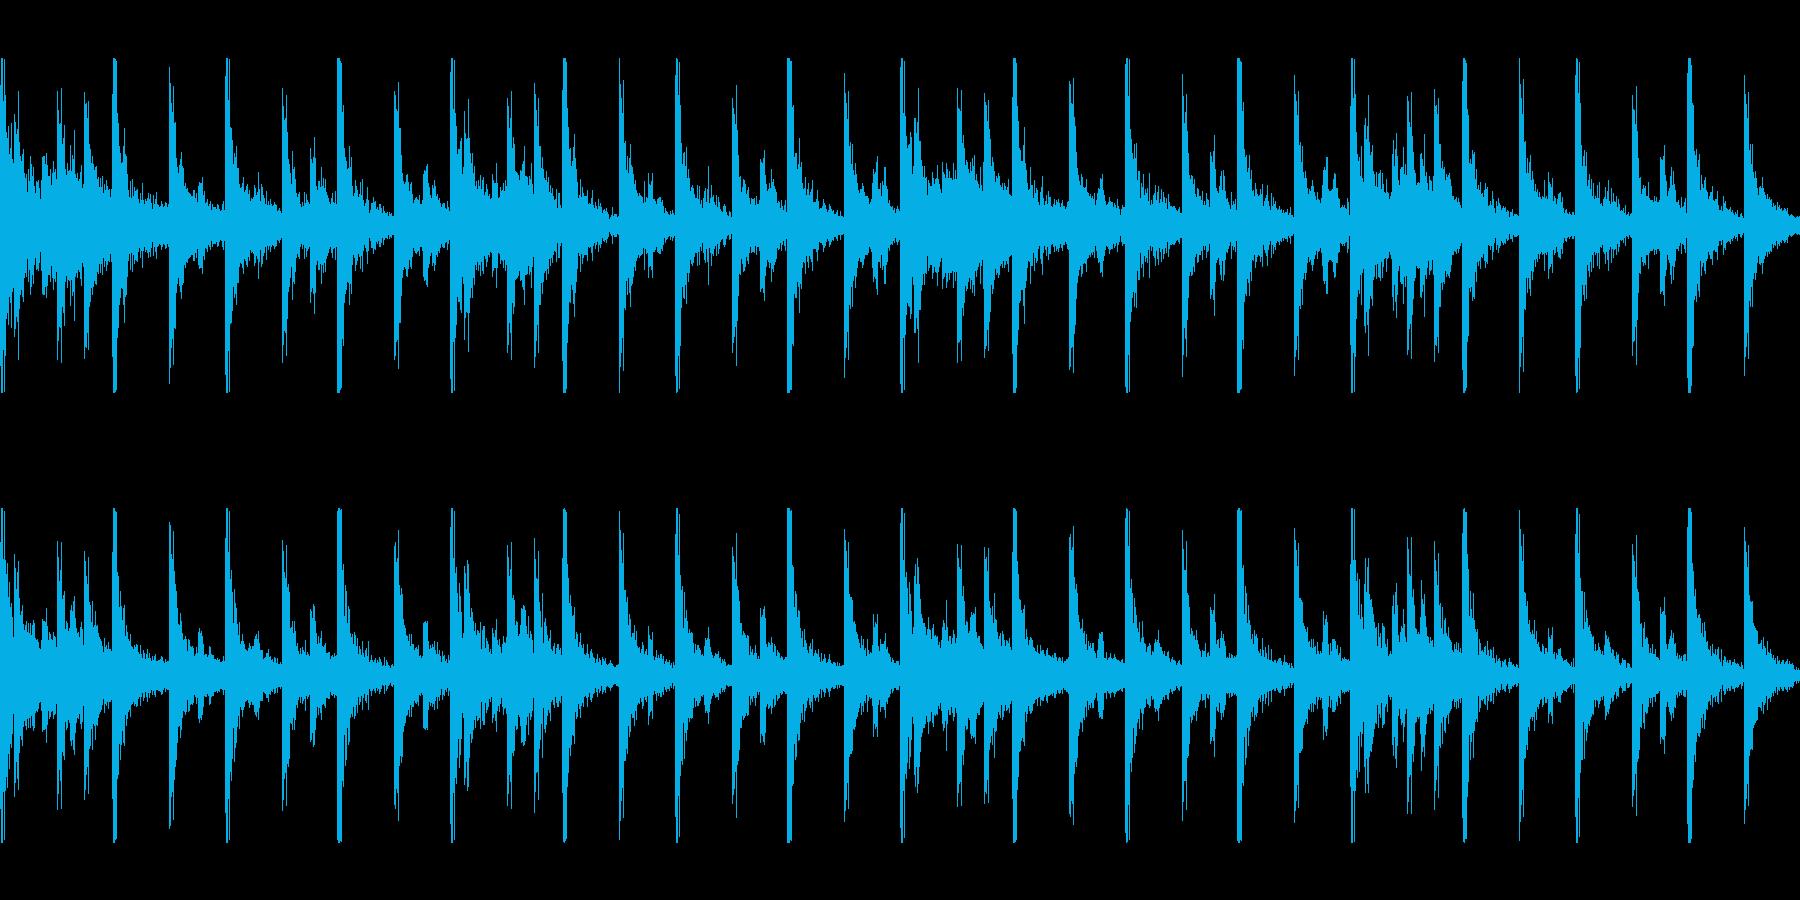 勇ましい行進 スネアドラムロール ループの再生済みの波形